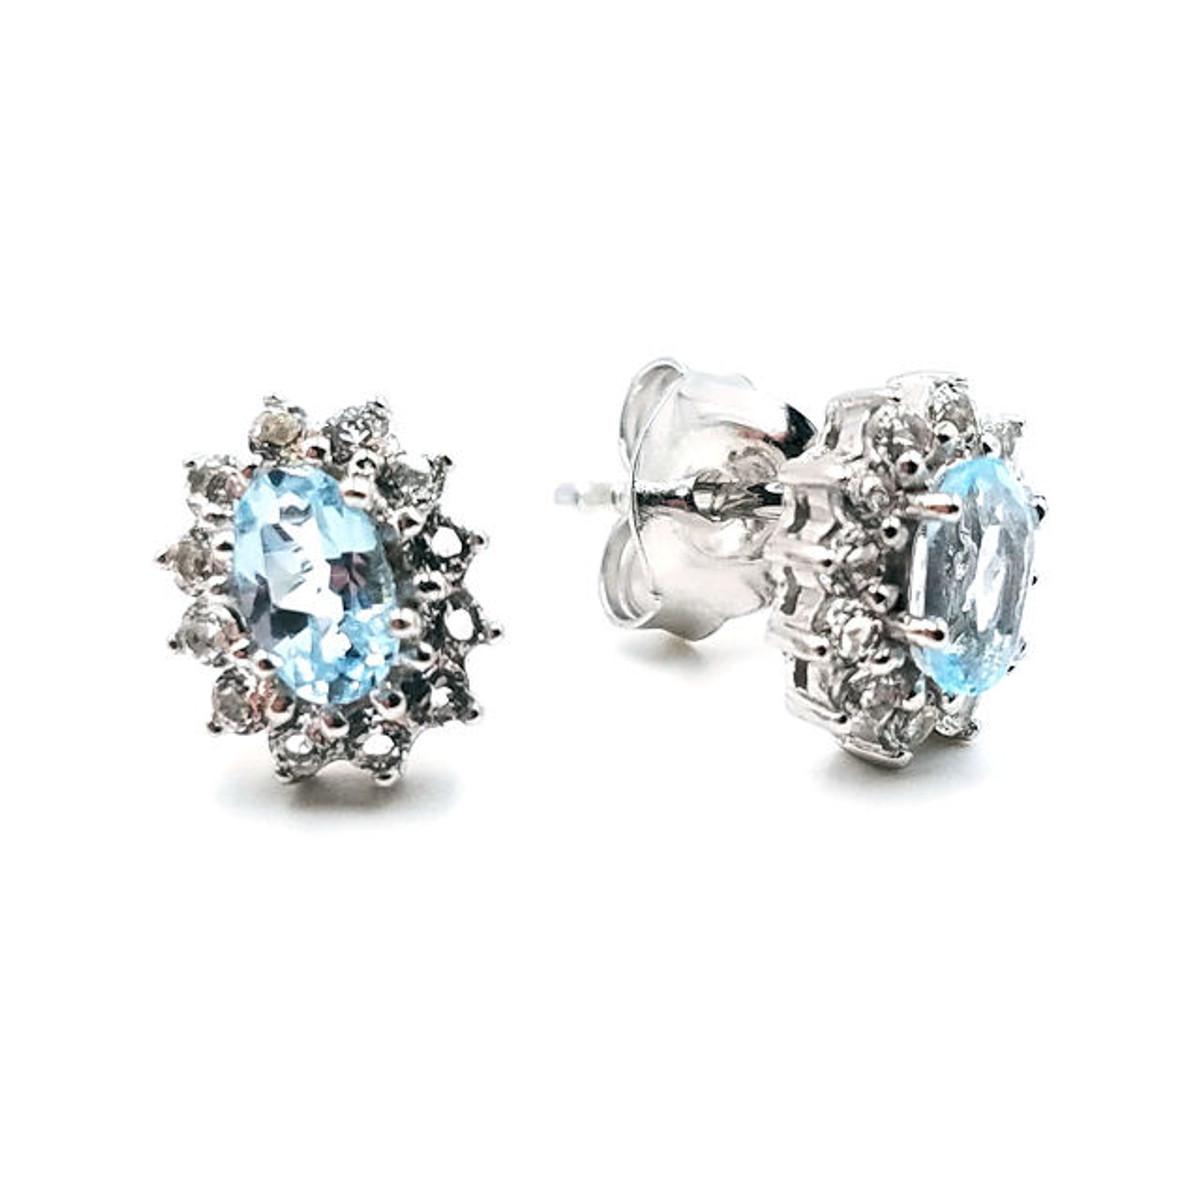 Sky blue topaz halo earrings